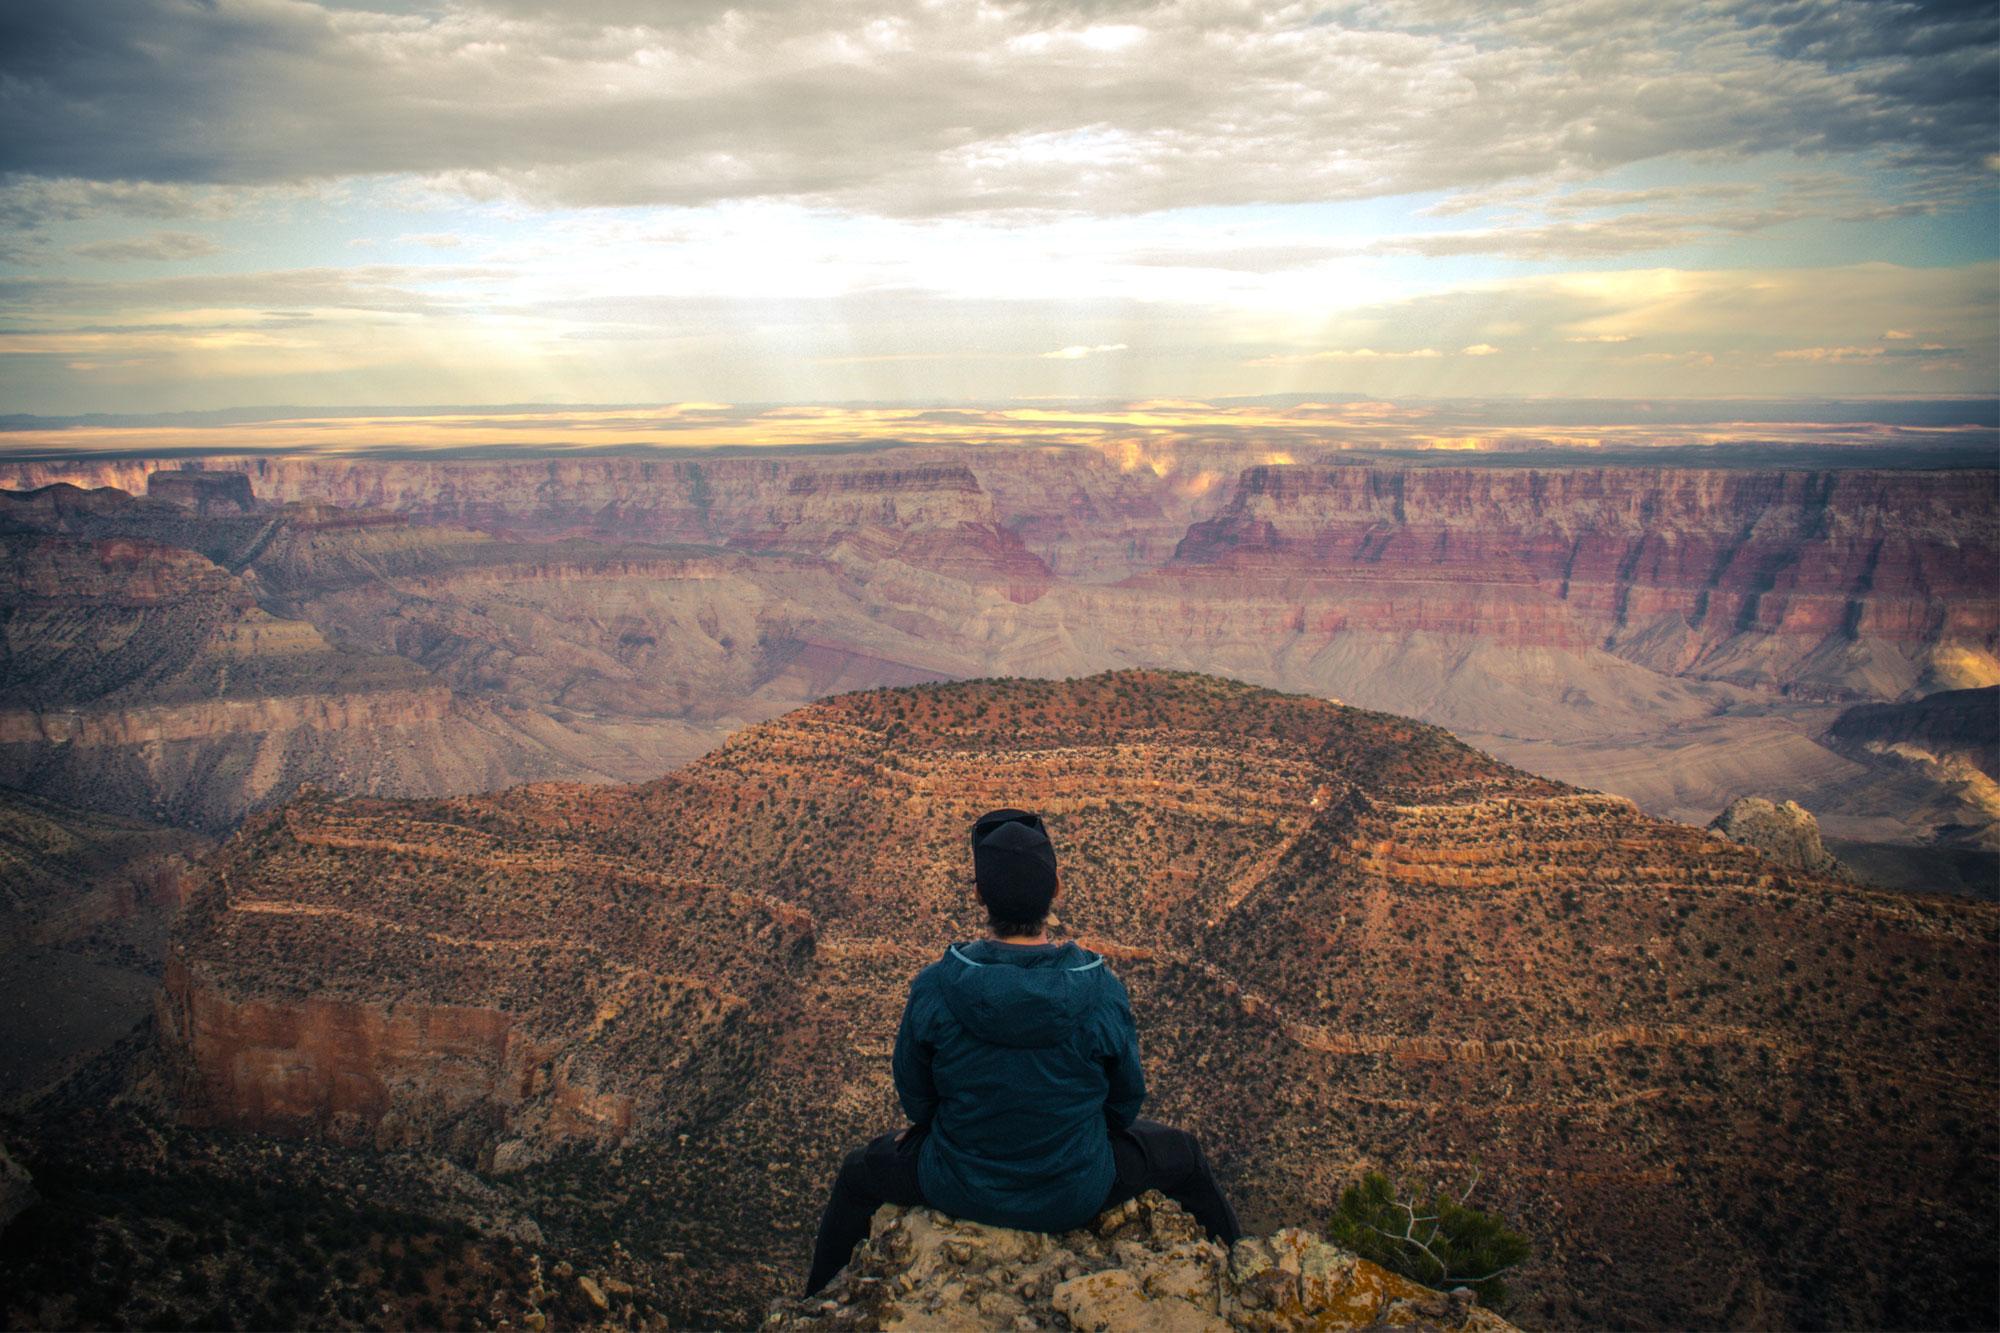 Cal North Rim Grand Canyon National Park